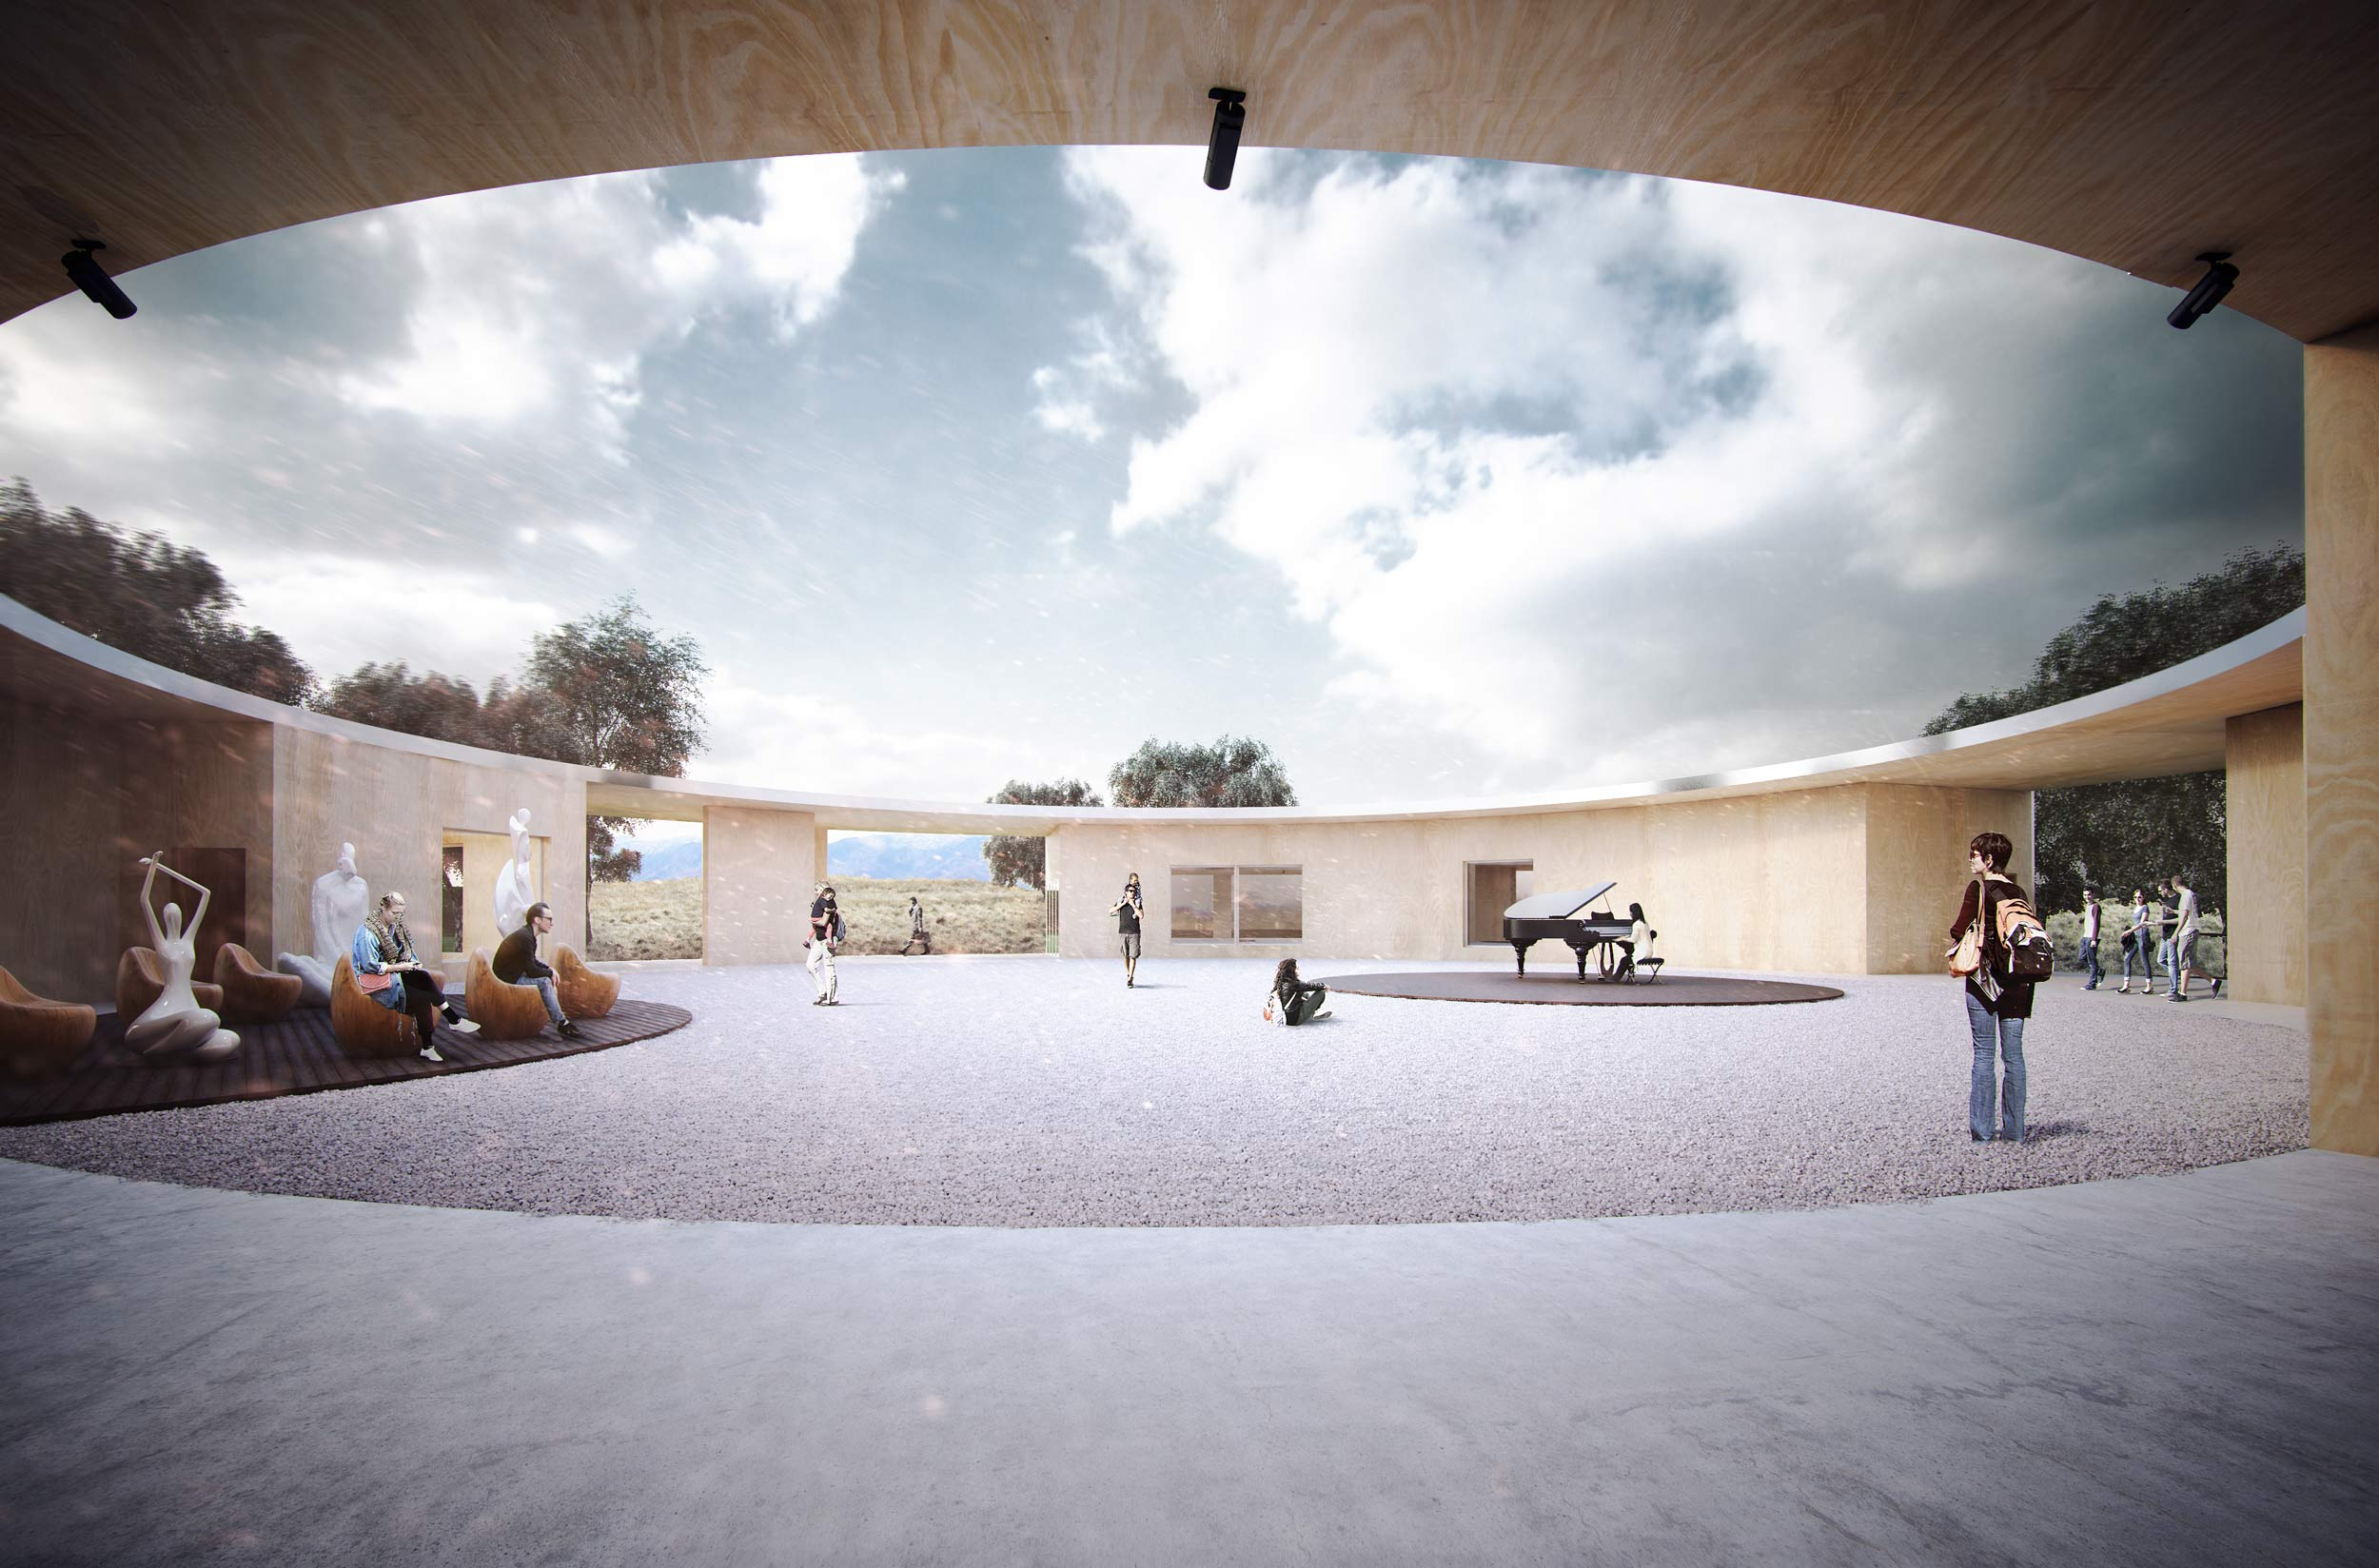 render-concorso-comune-di-bergamo-parco-della-trucca-struttura-polivalente-pavilion-park-3